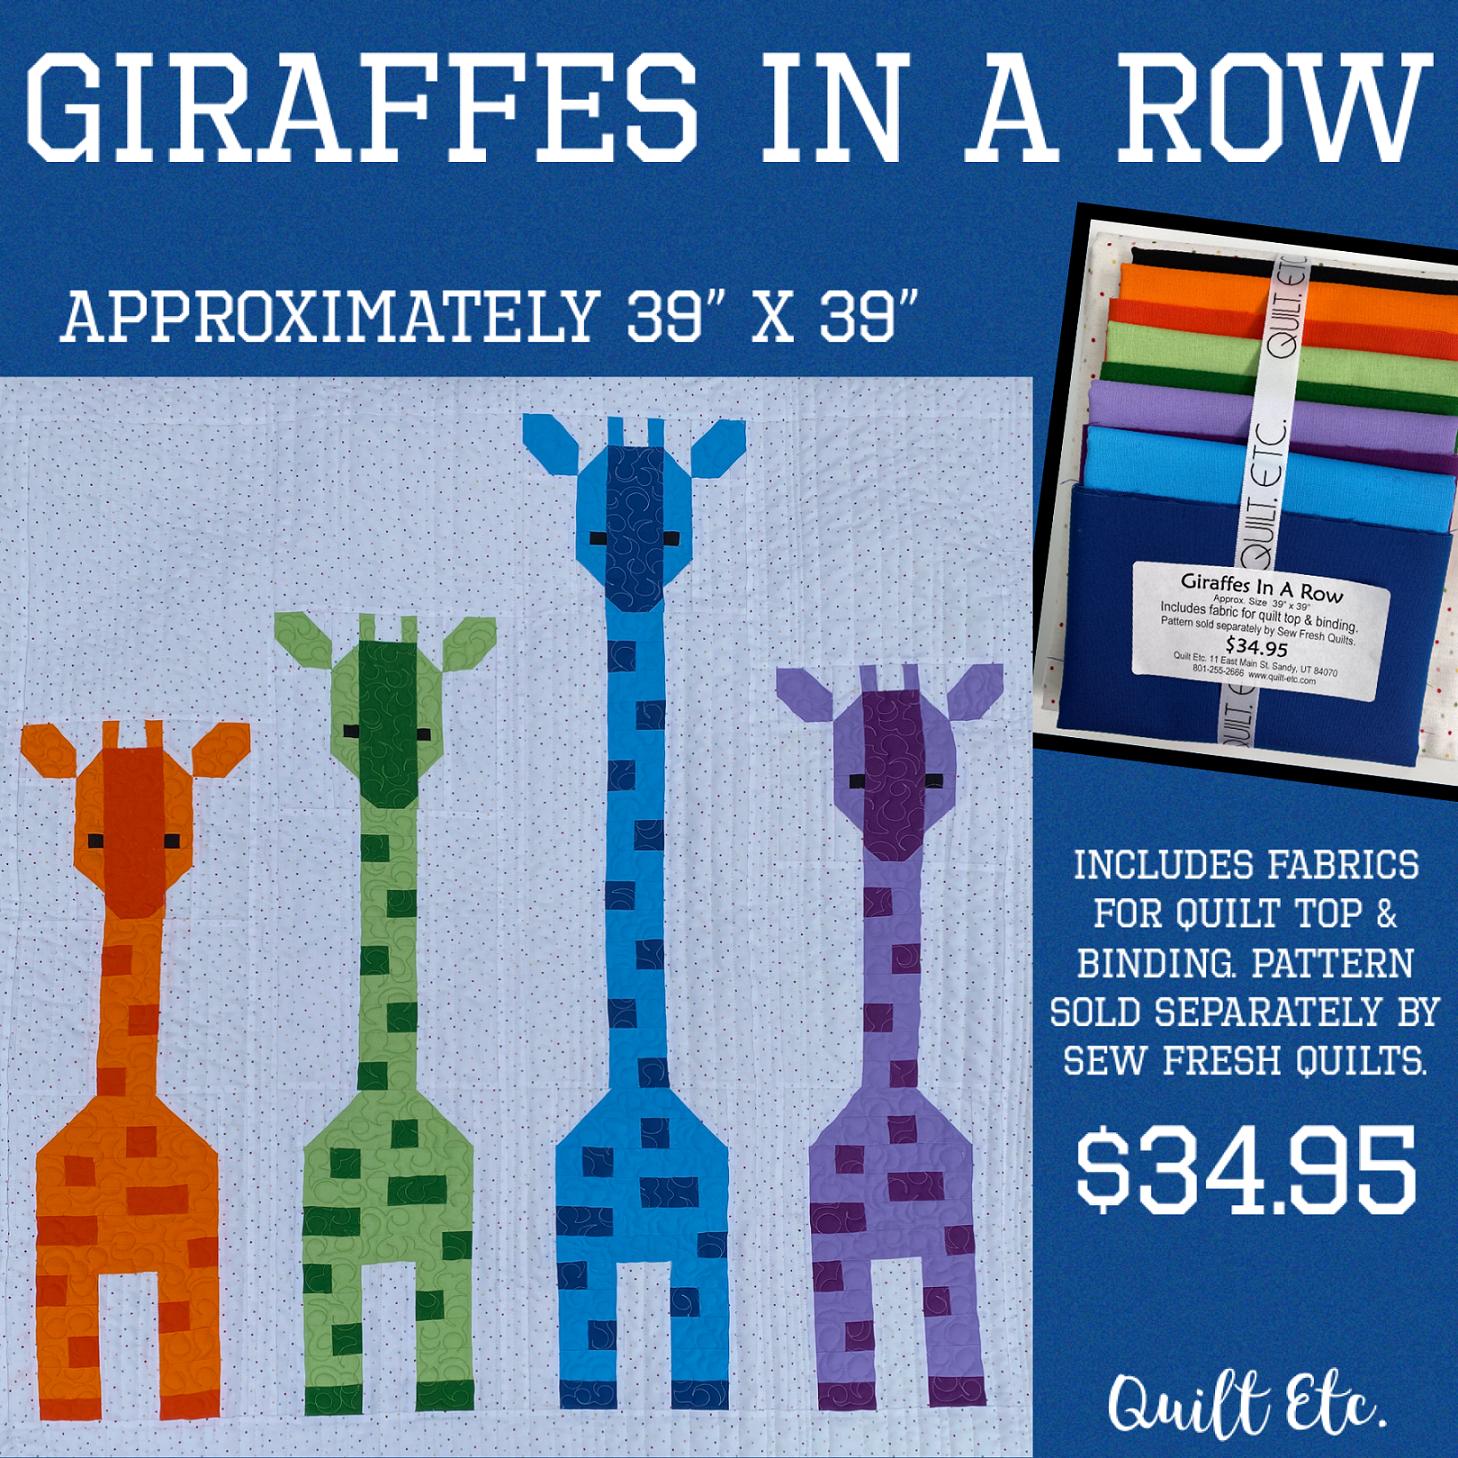 Giraffes In A Row